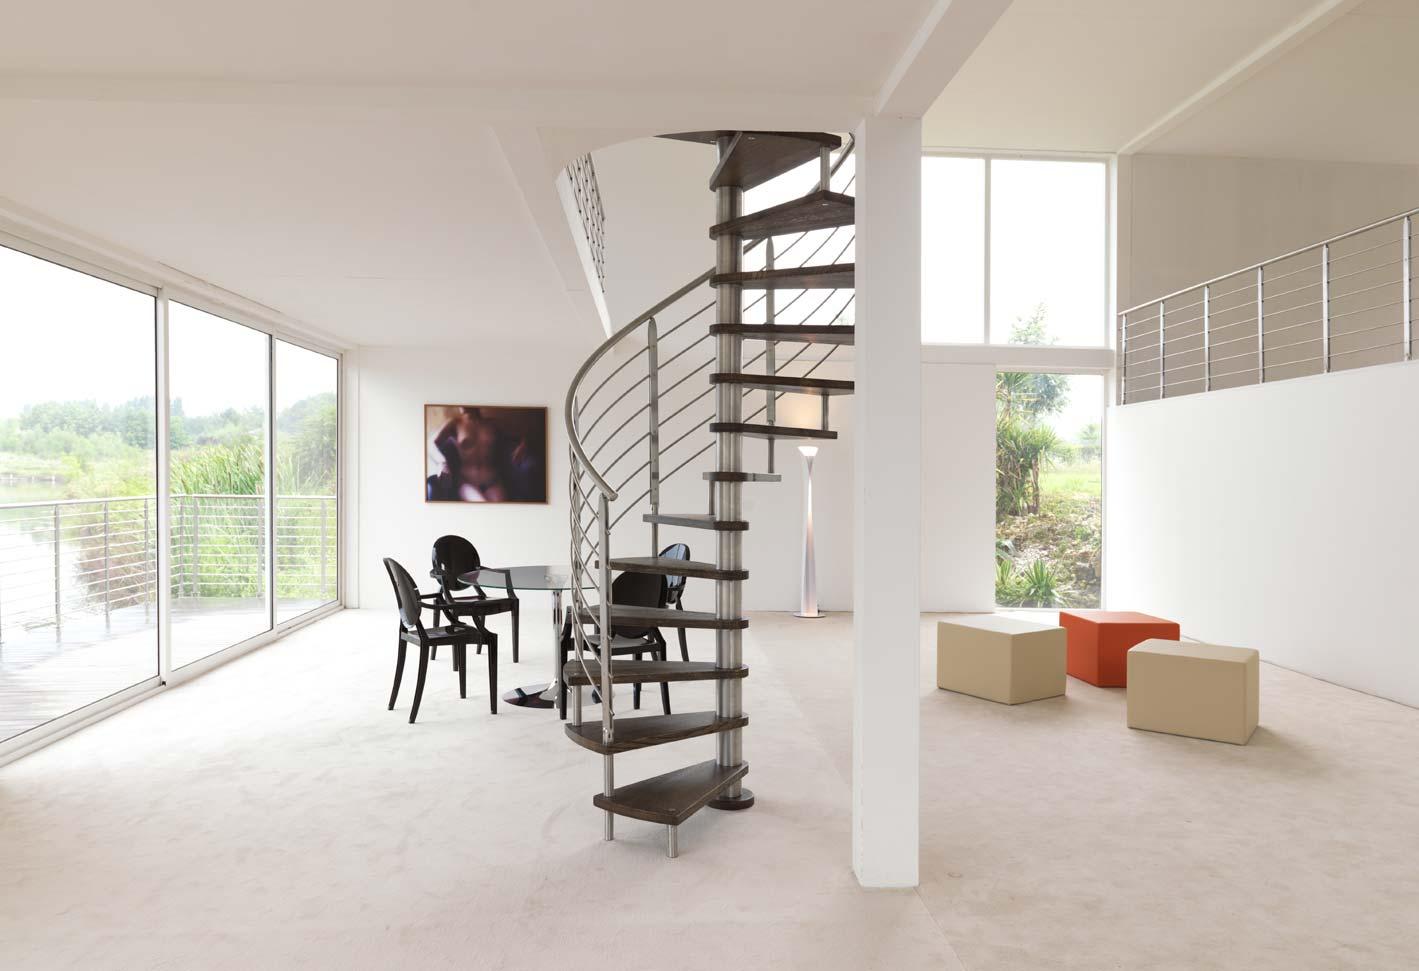 soggiorno moderno bianco con scala emergenza,mobili e infissi esterni in vetro